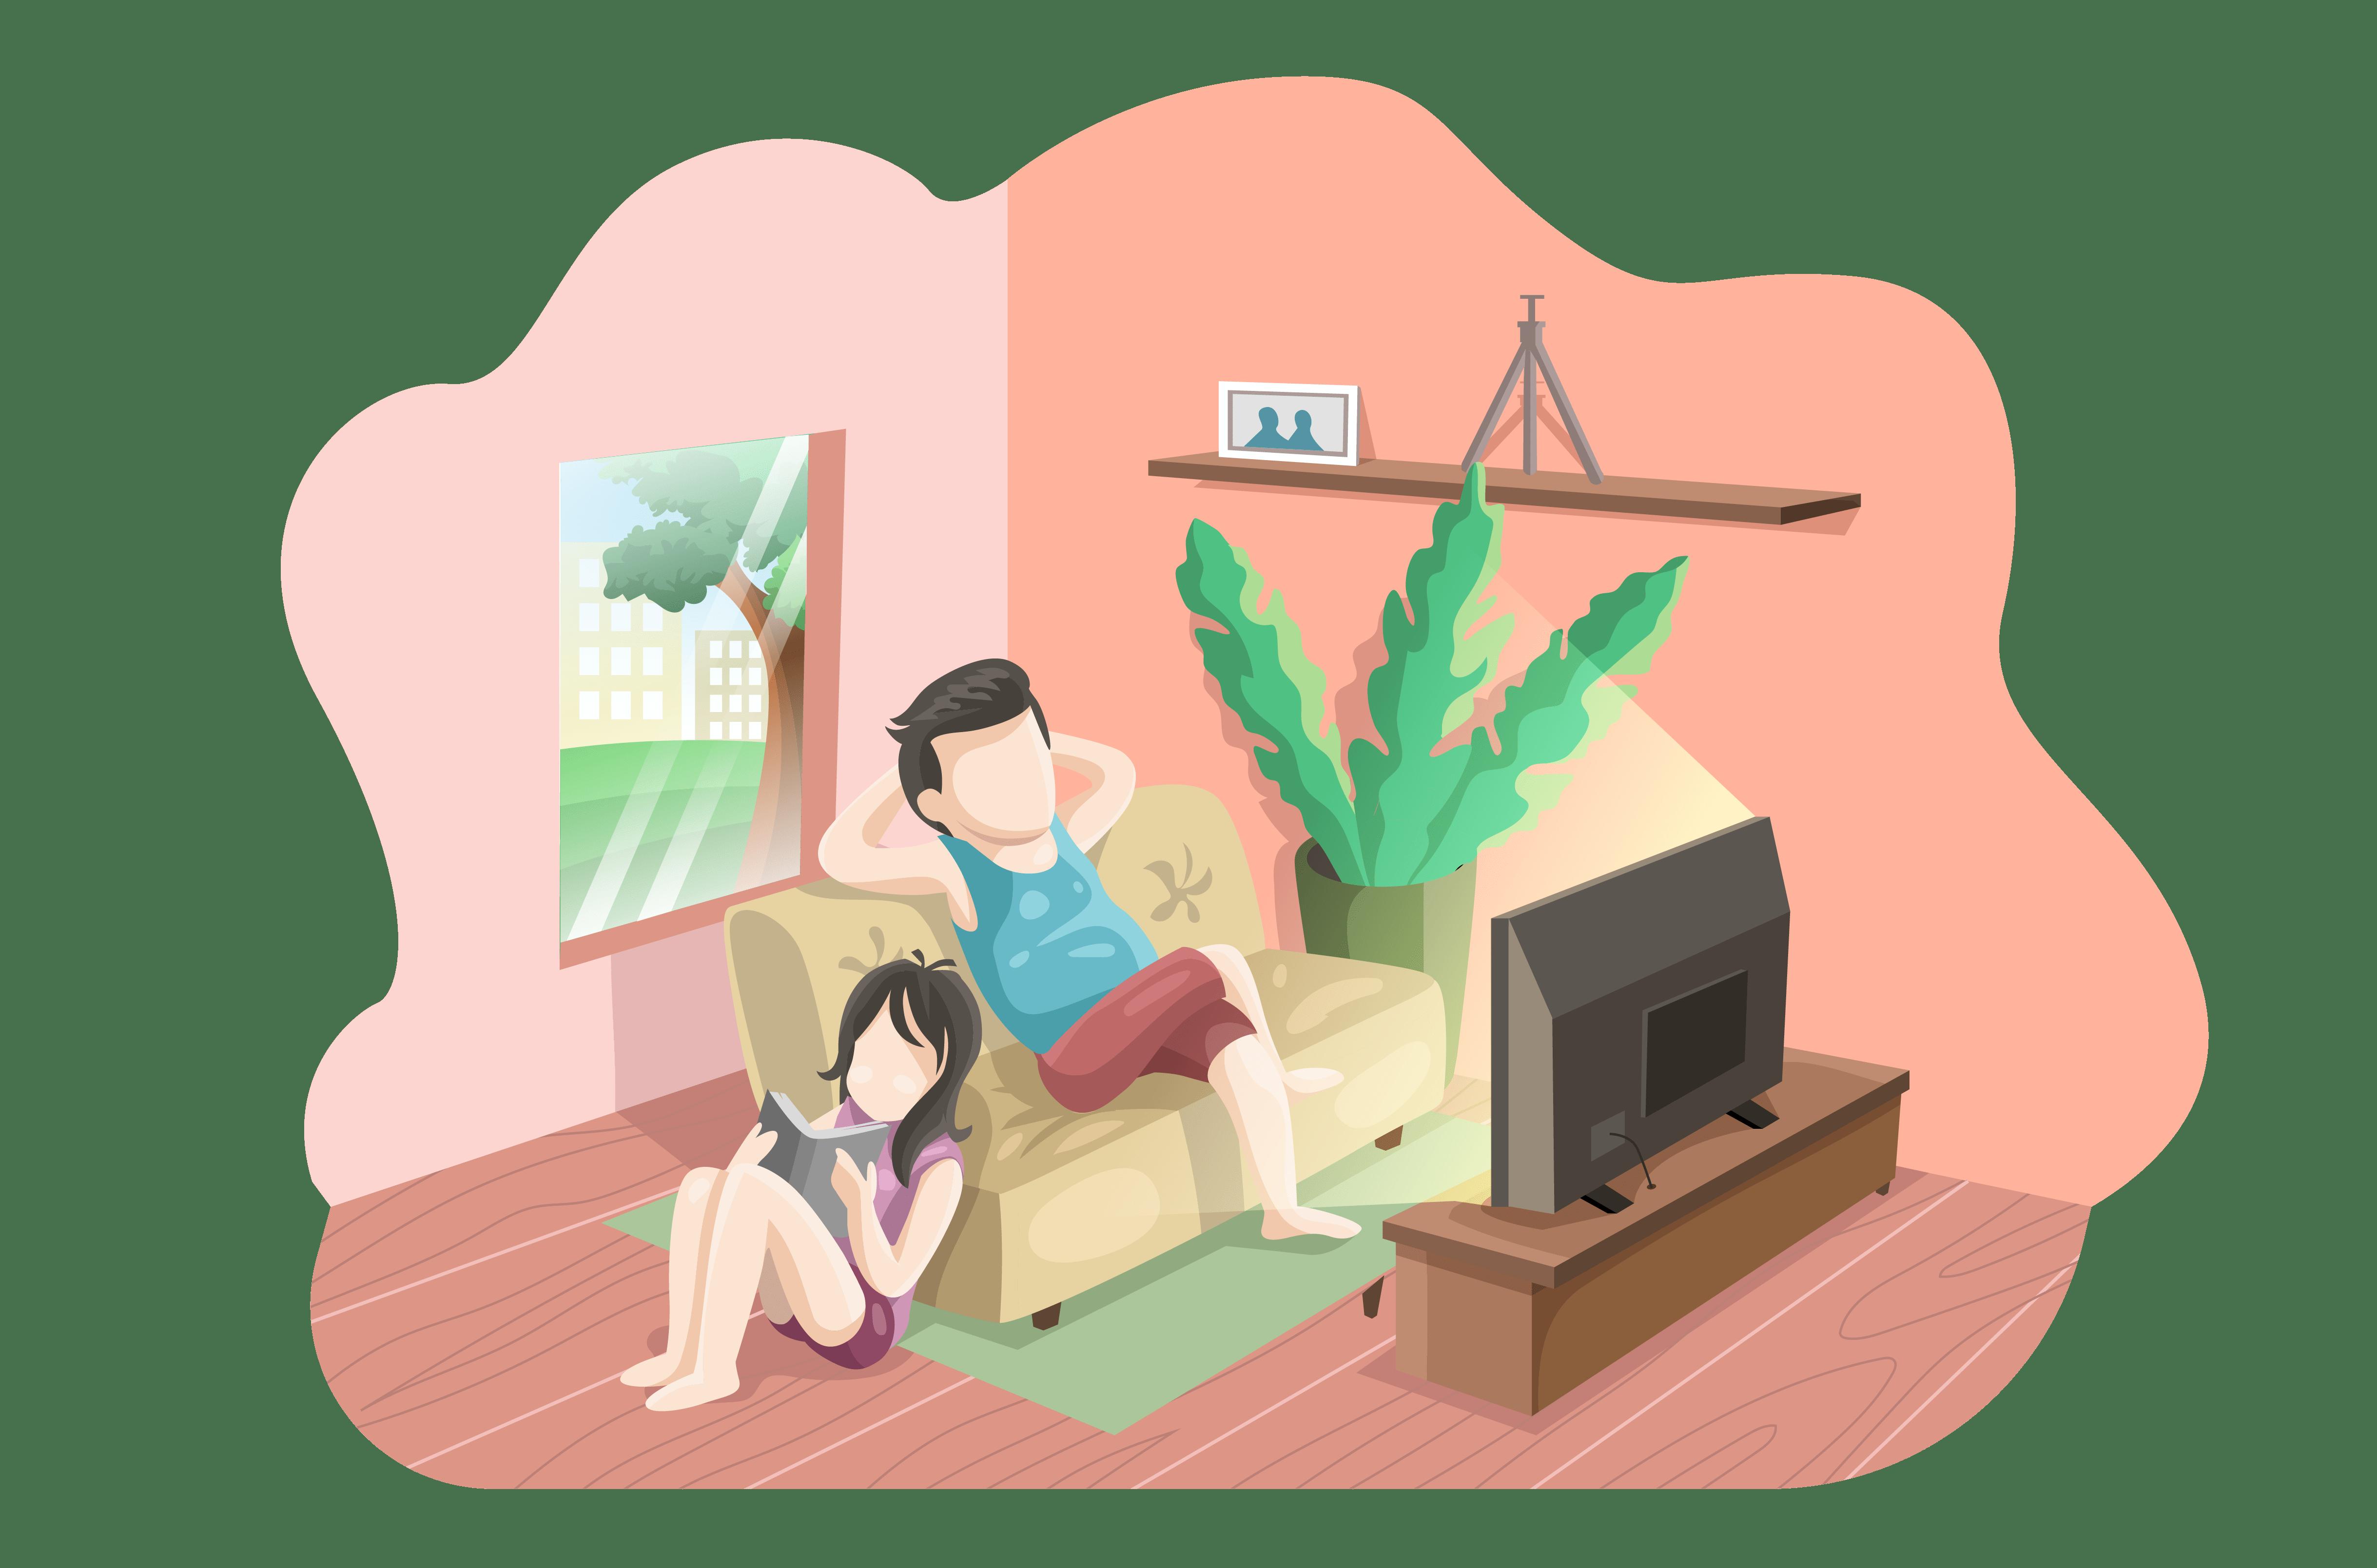 Sonho da casa própria: sou autônomo, posso realizar? Riva Incorporadora